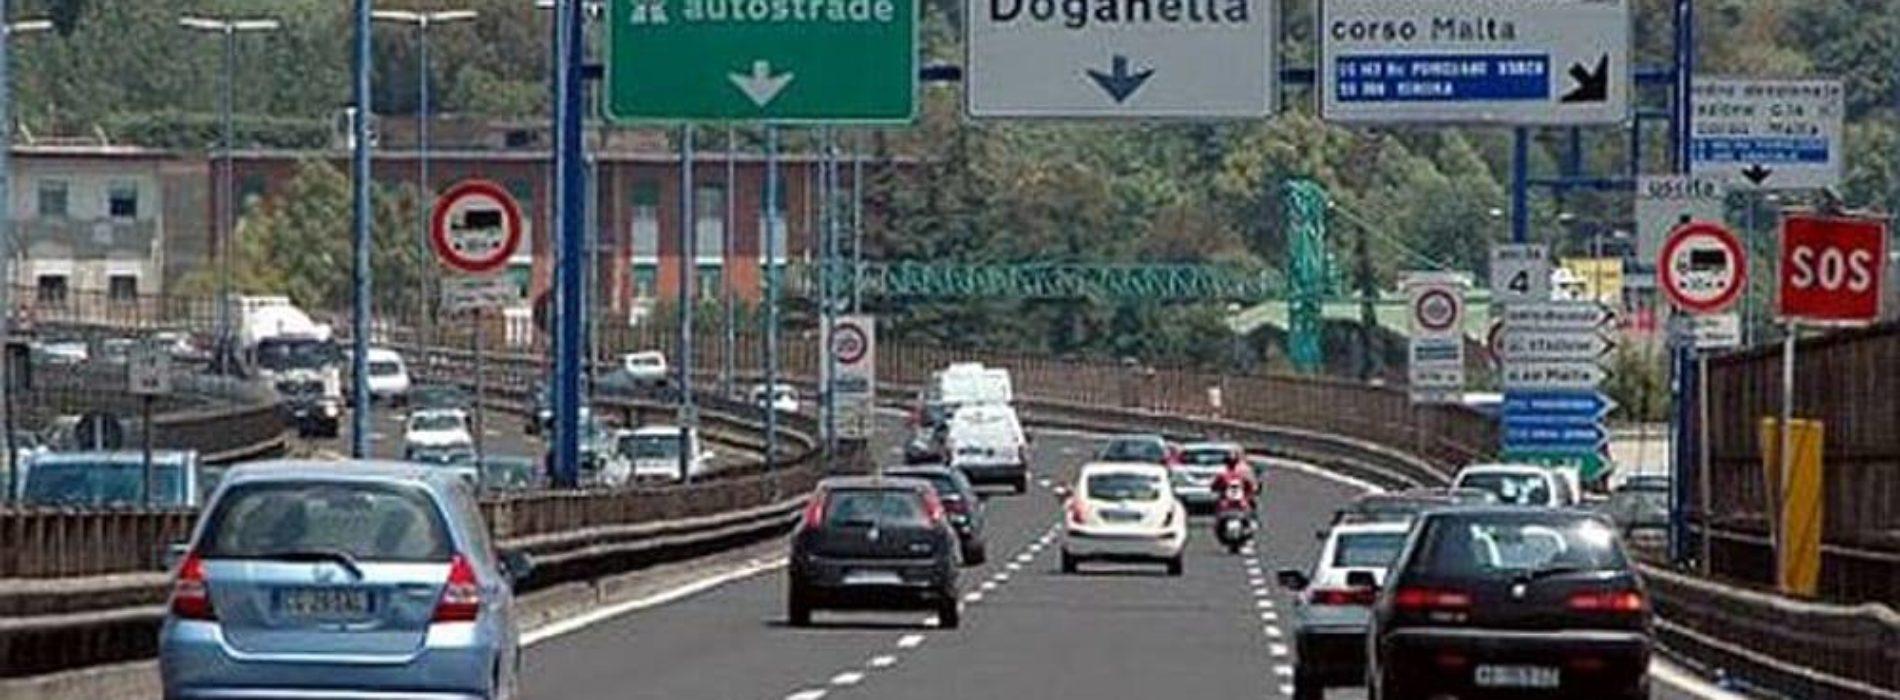 Pagare la tangenziale di Napoli è illegale